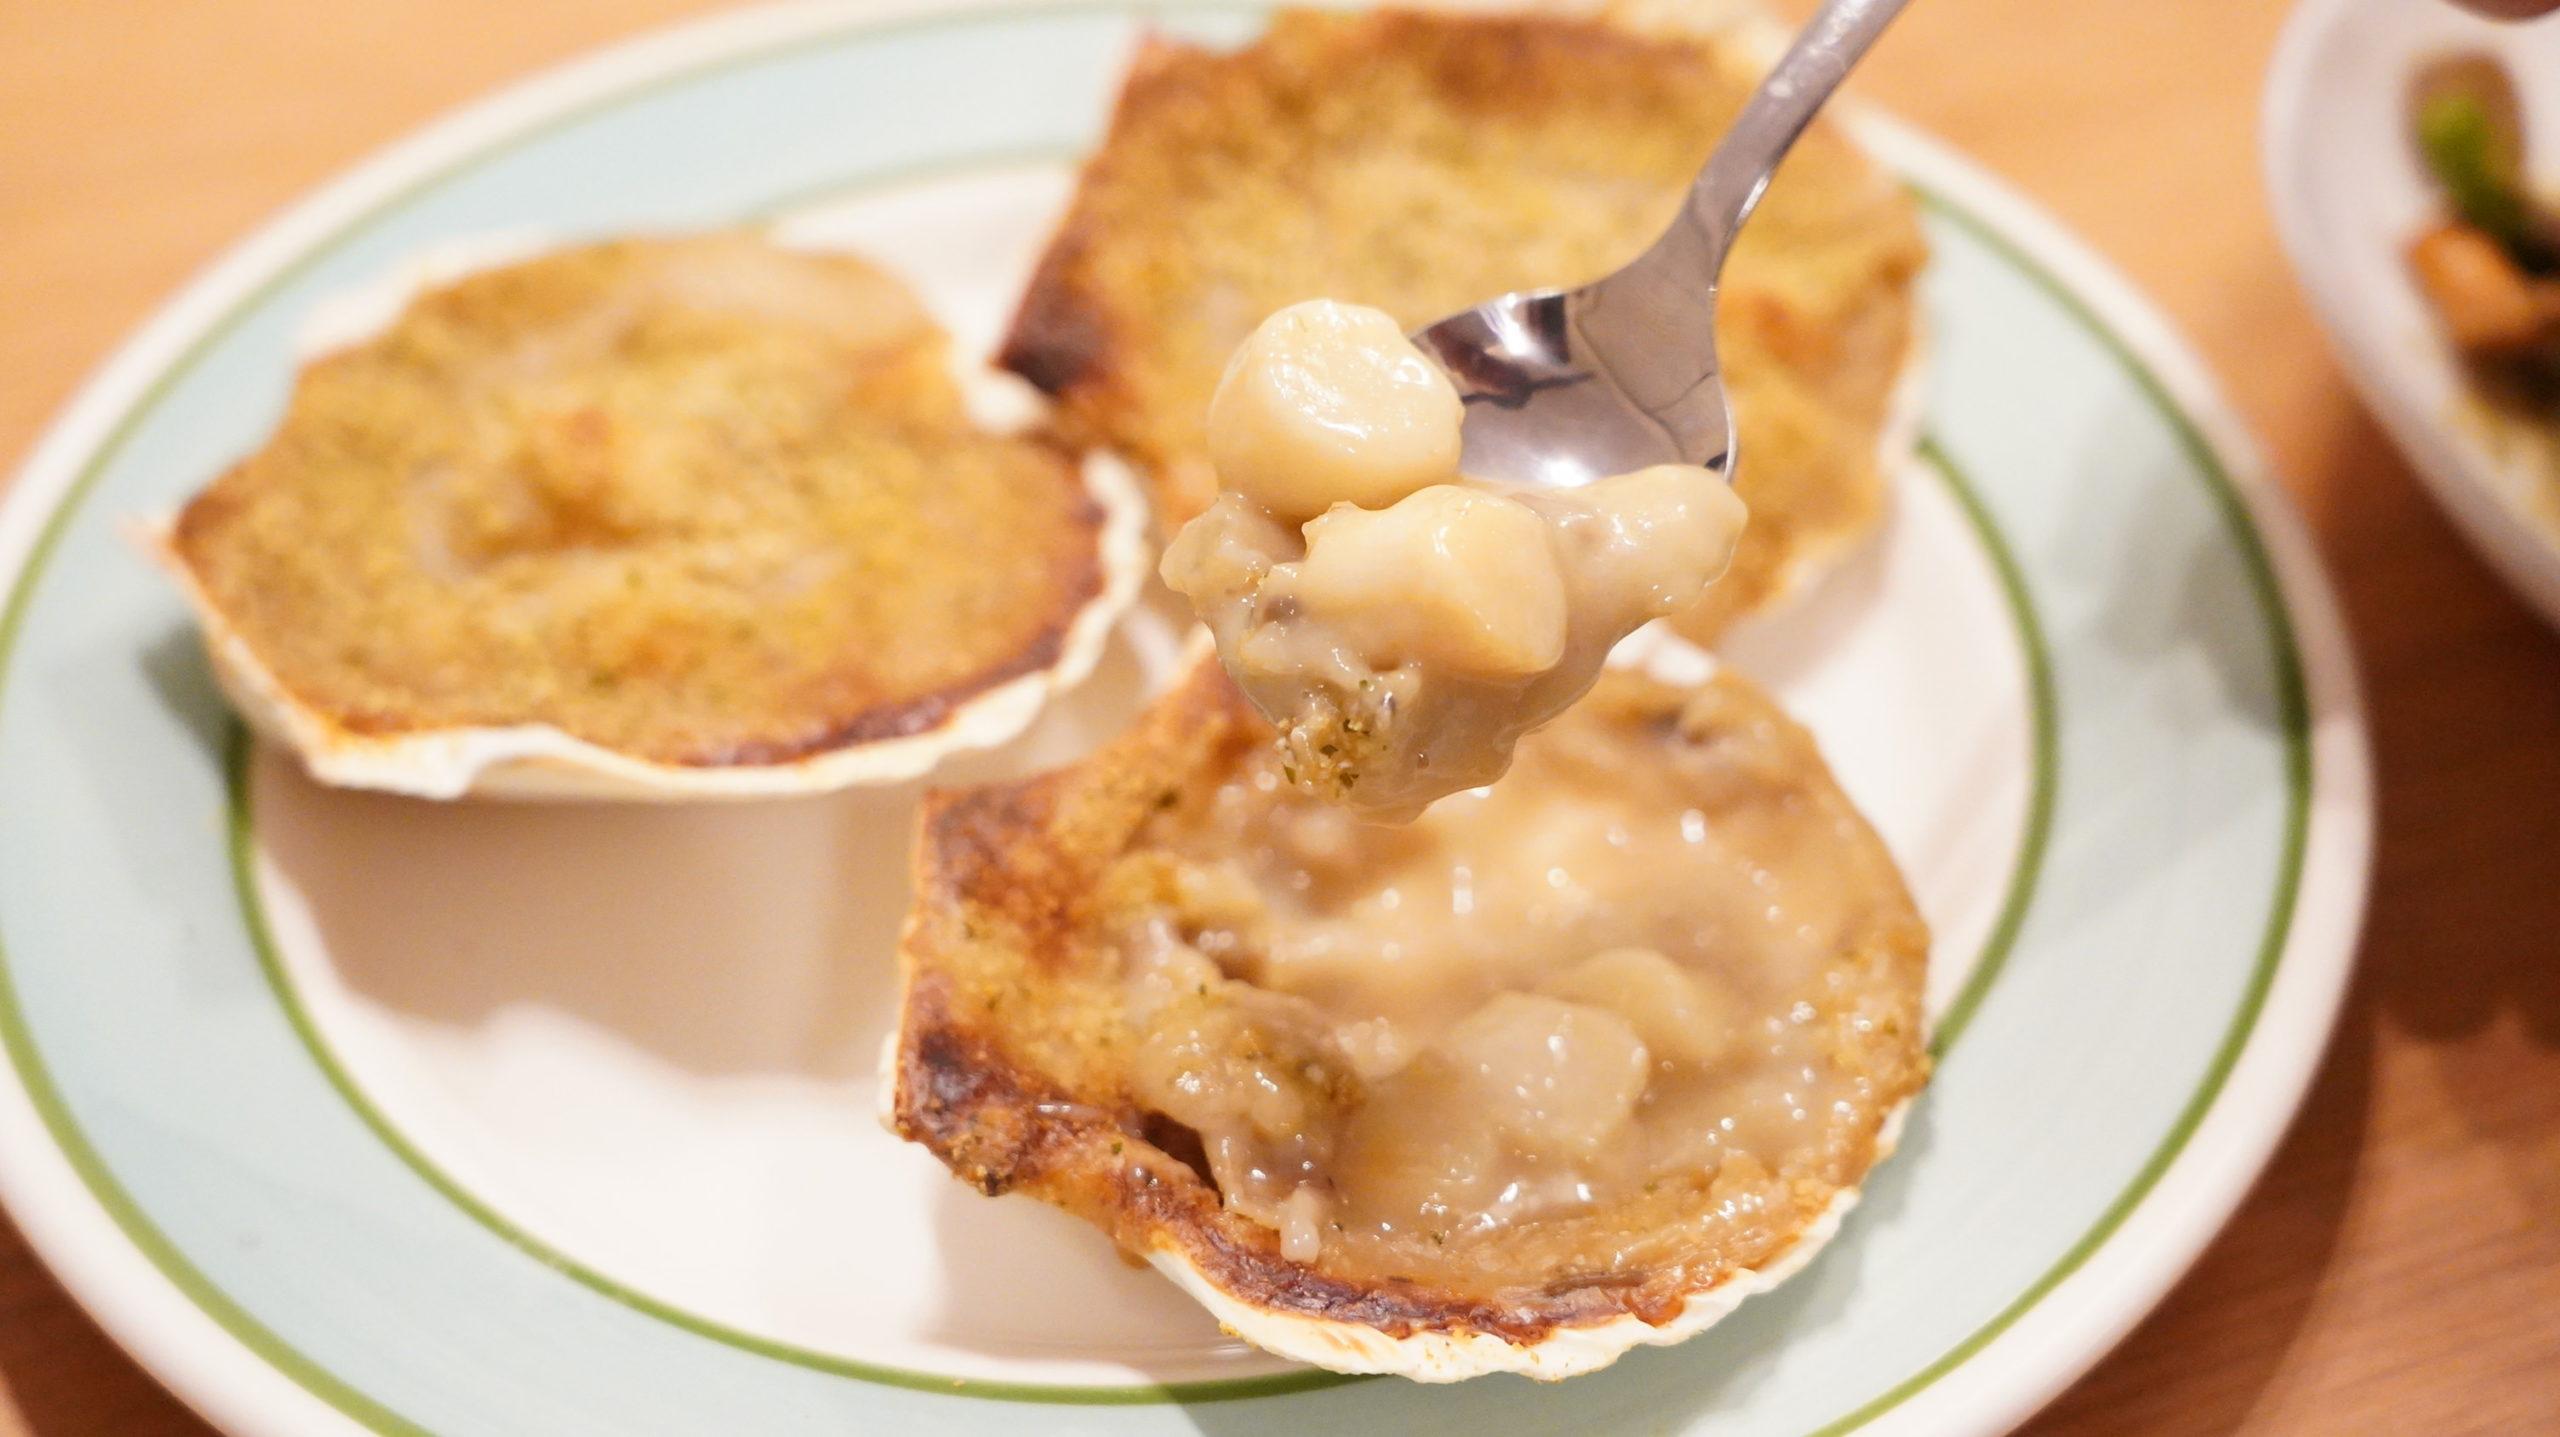 ピカールの冷凍食品「サンジャックのオーブン焼き・ノルマンディ―風」をスプーンですくっている写真